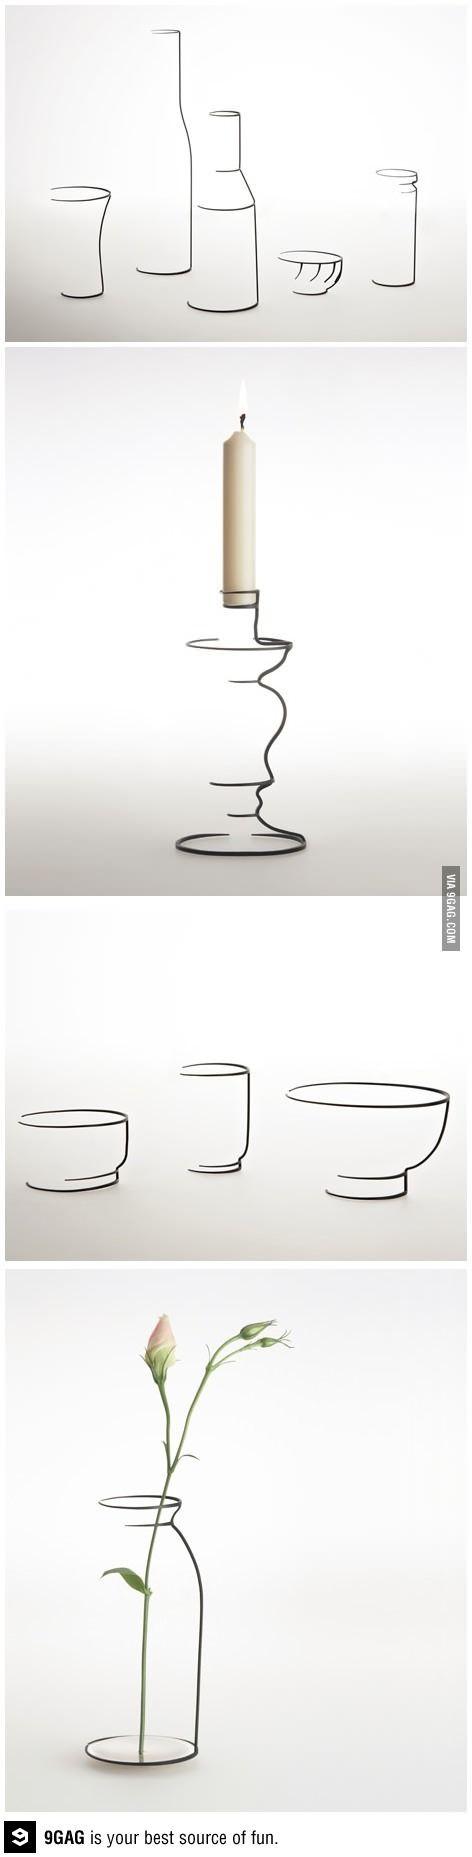 This is genius design!